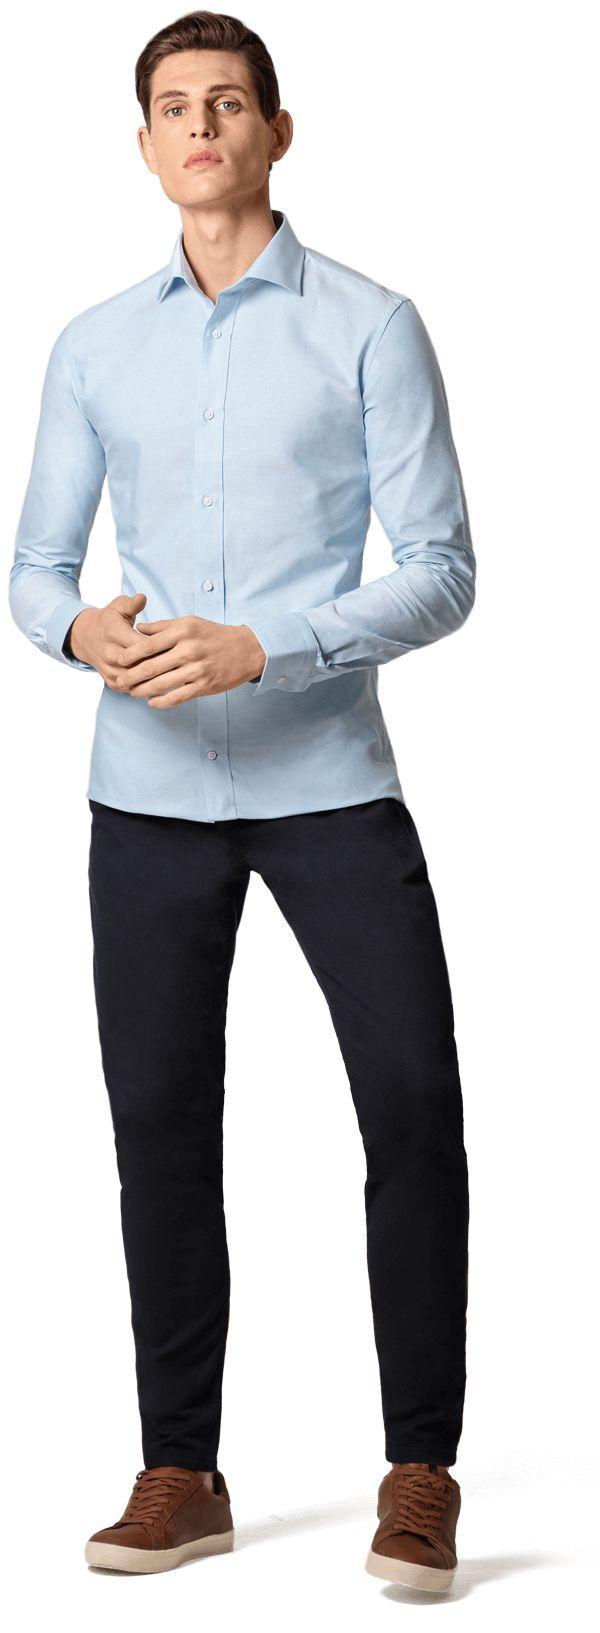 camisa hombre a medida